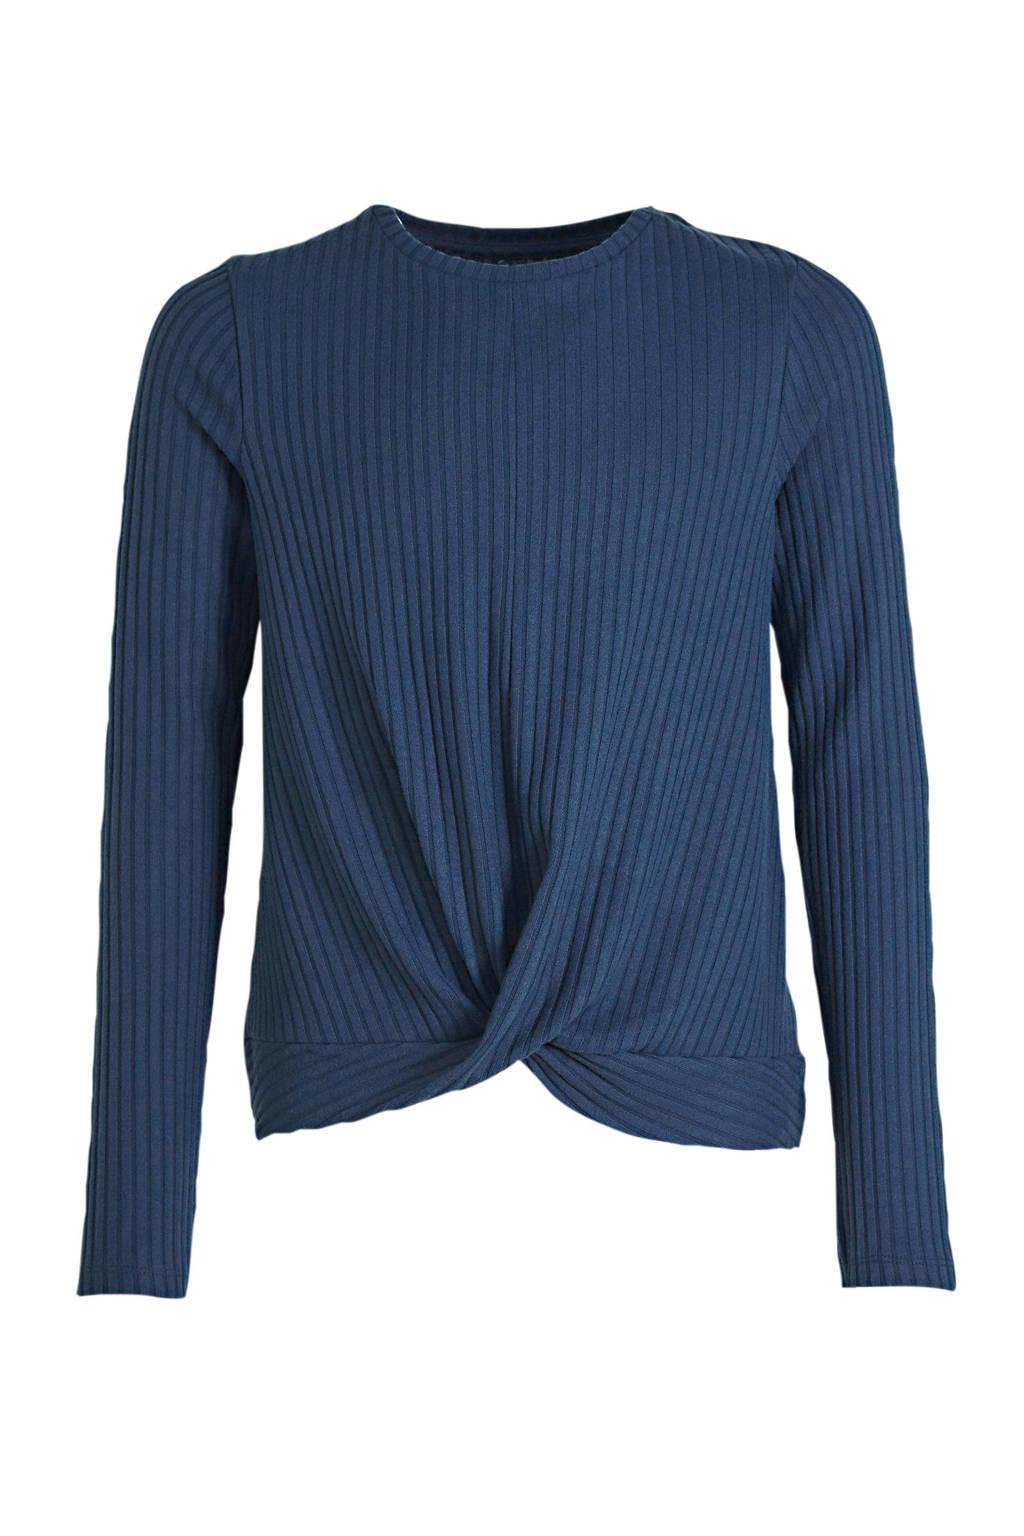 C&A Here & There fijngebreide trui donkerblauw, Donkerblauw